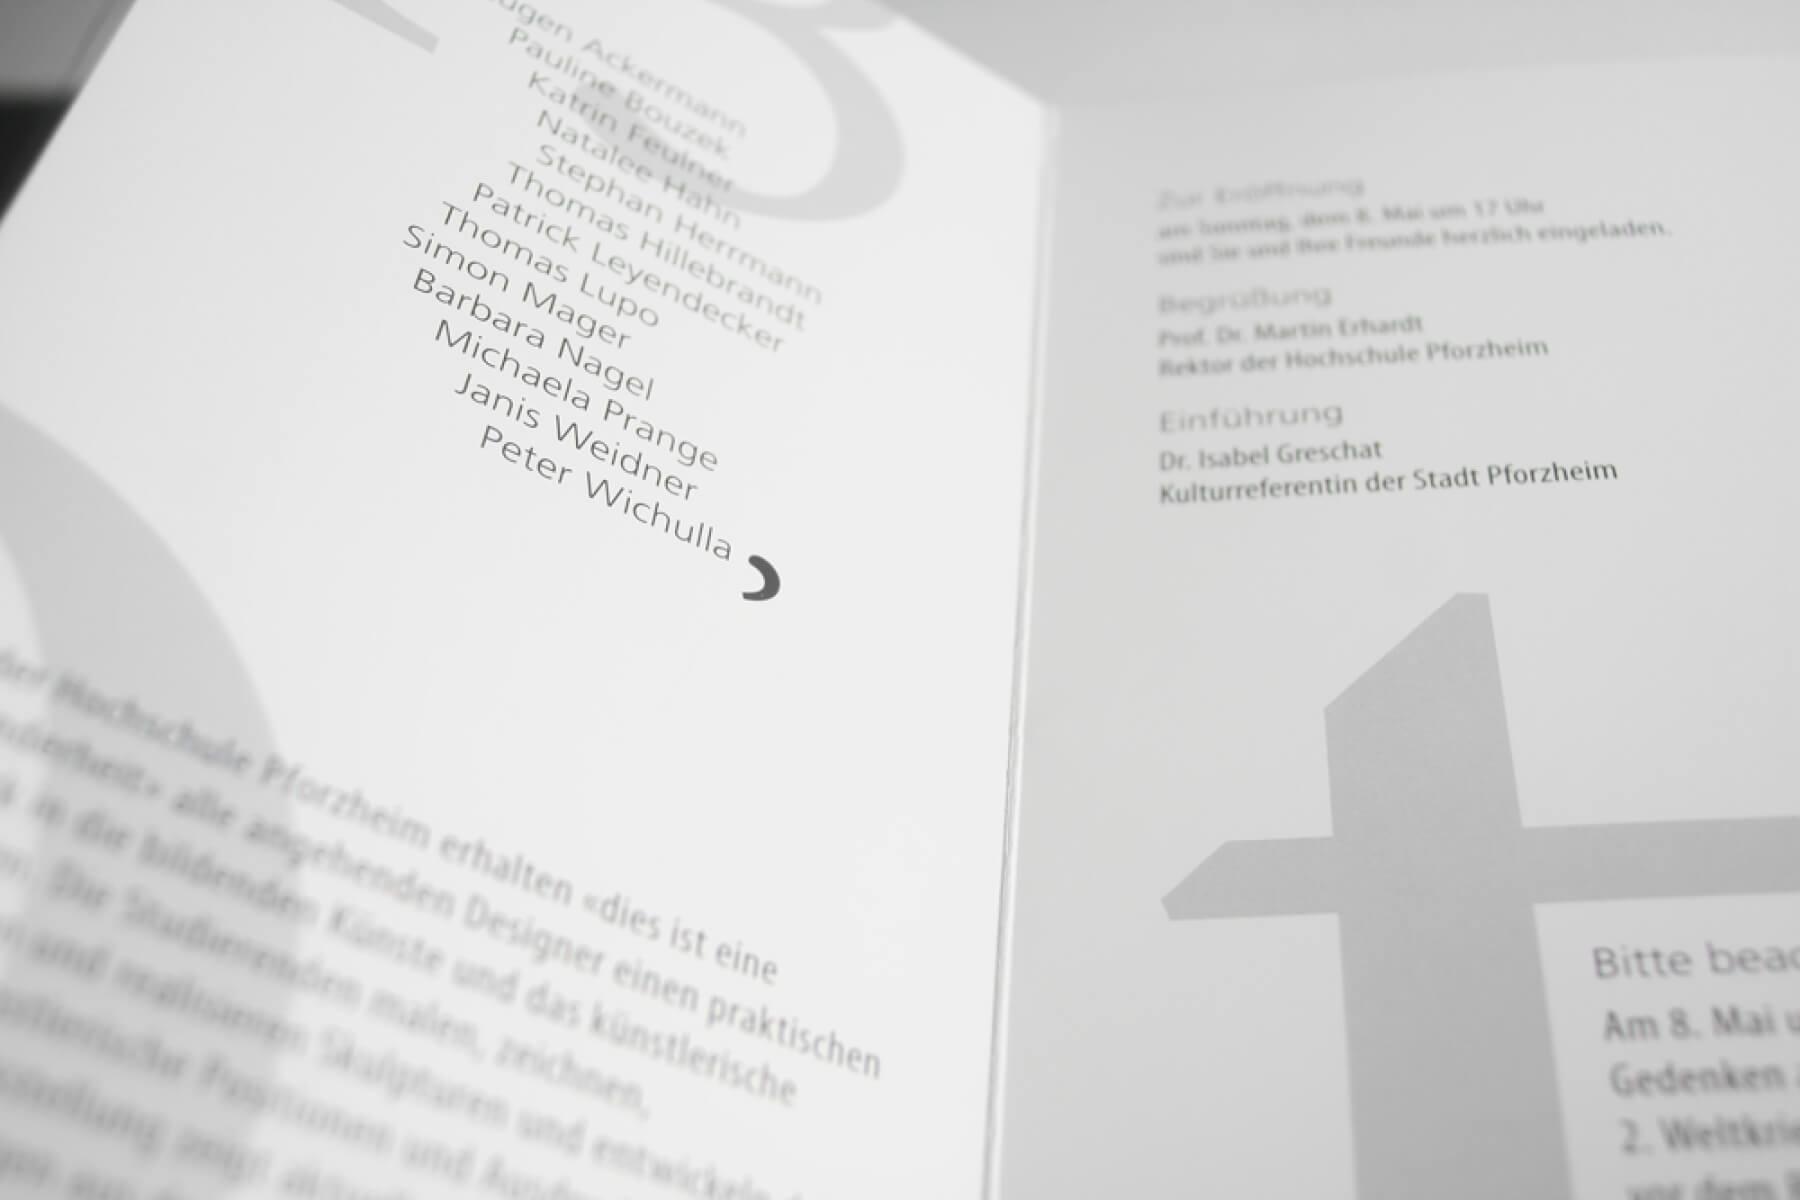 grafikdesign-janis-weidner-lindau-bodensee-flyer-13ot-02